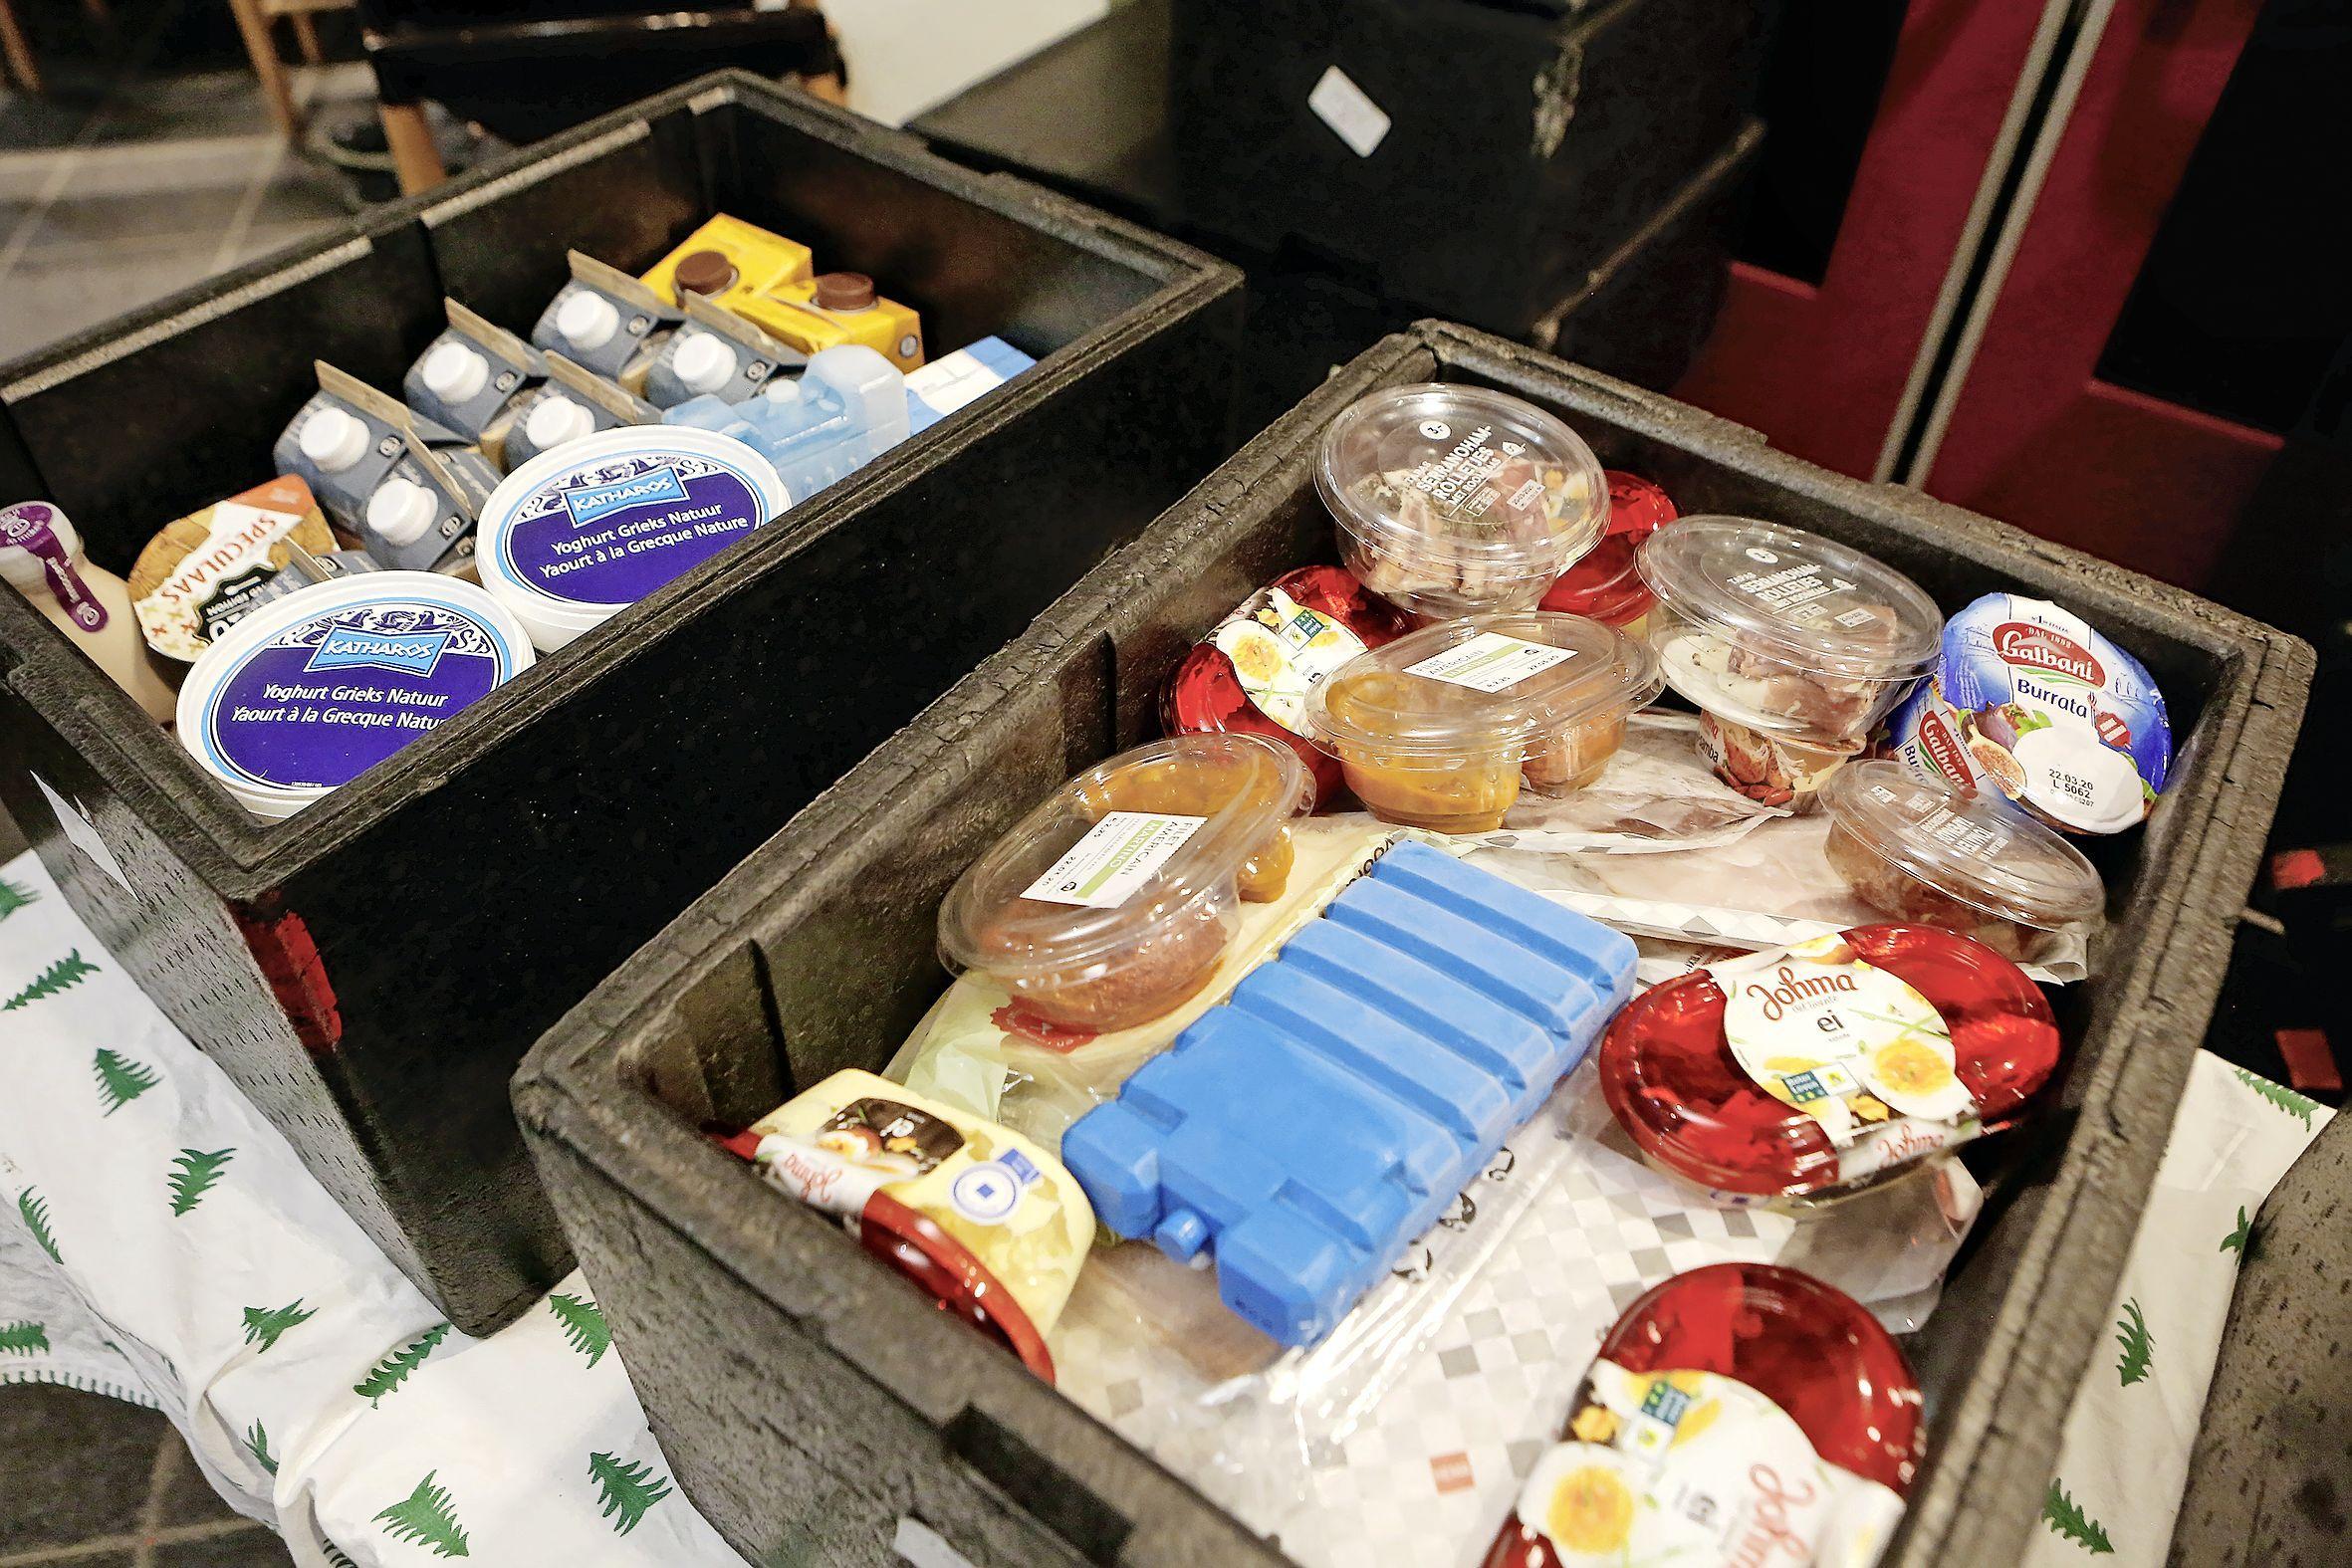 'Vol schaamte en met tranen in hun ogen in de rij voor een voedselpakket'; Gooise Voedselbank noteert forse stijging van het aantal cliënten: 'Deels veroorzaakt door corona'